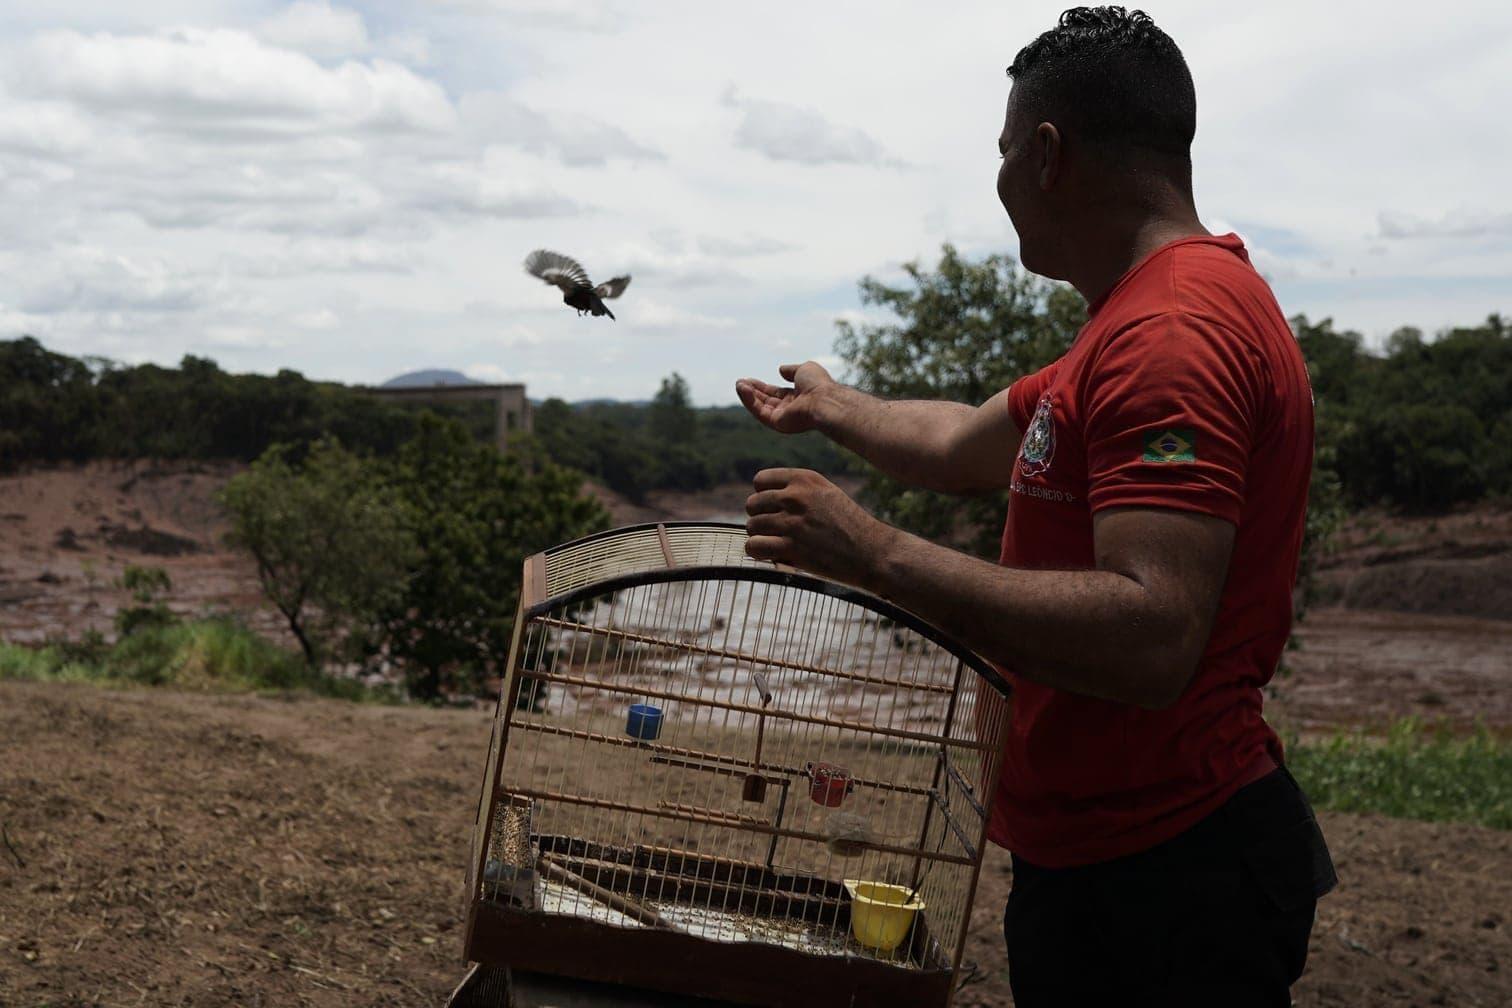 Überlebende zu finden - die Chancen gelten aber als gering und sinken mit jeder Stunde.</p> Foto: dpa/Leo Drumond